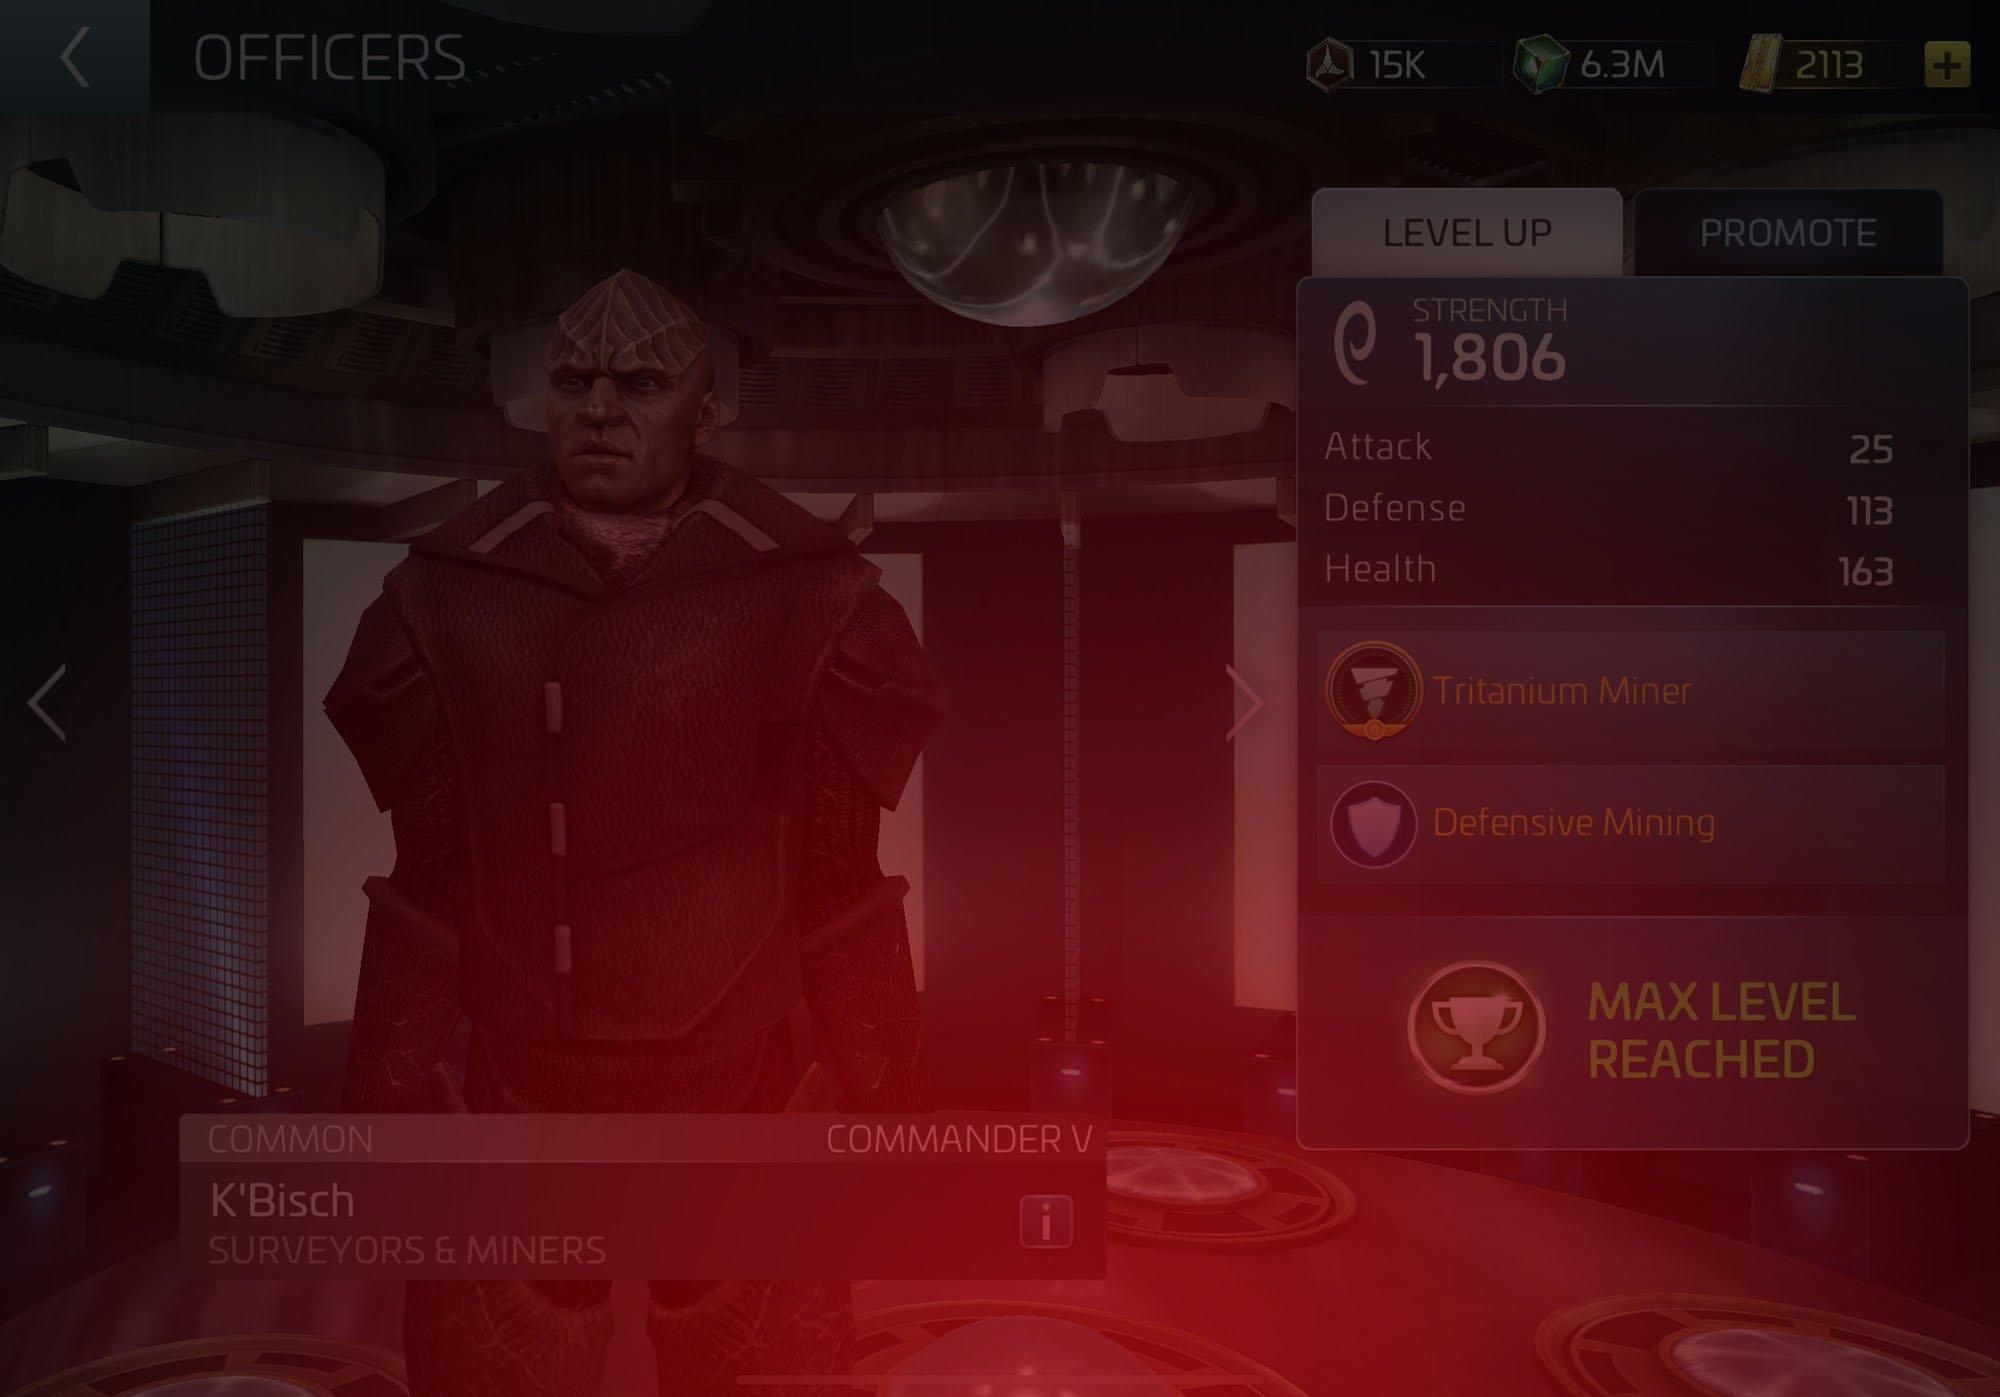 Officer K'Bisch